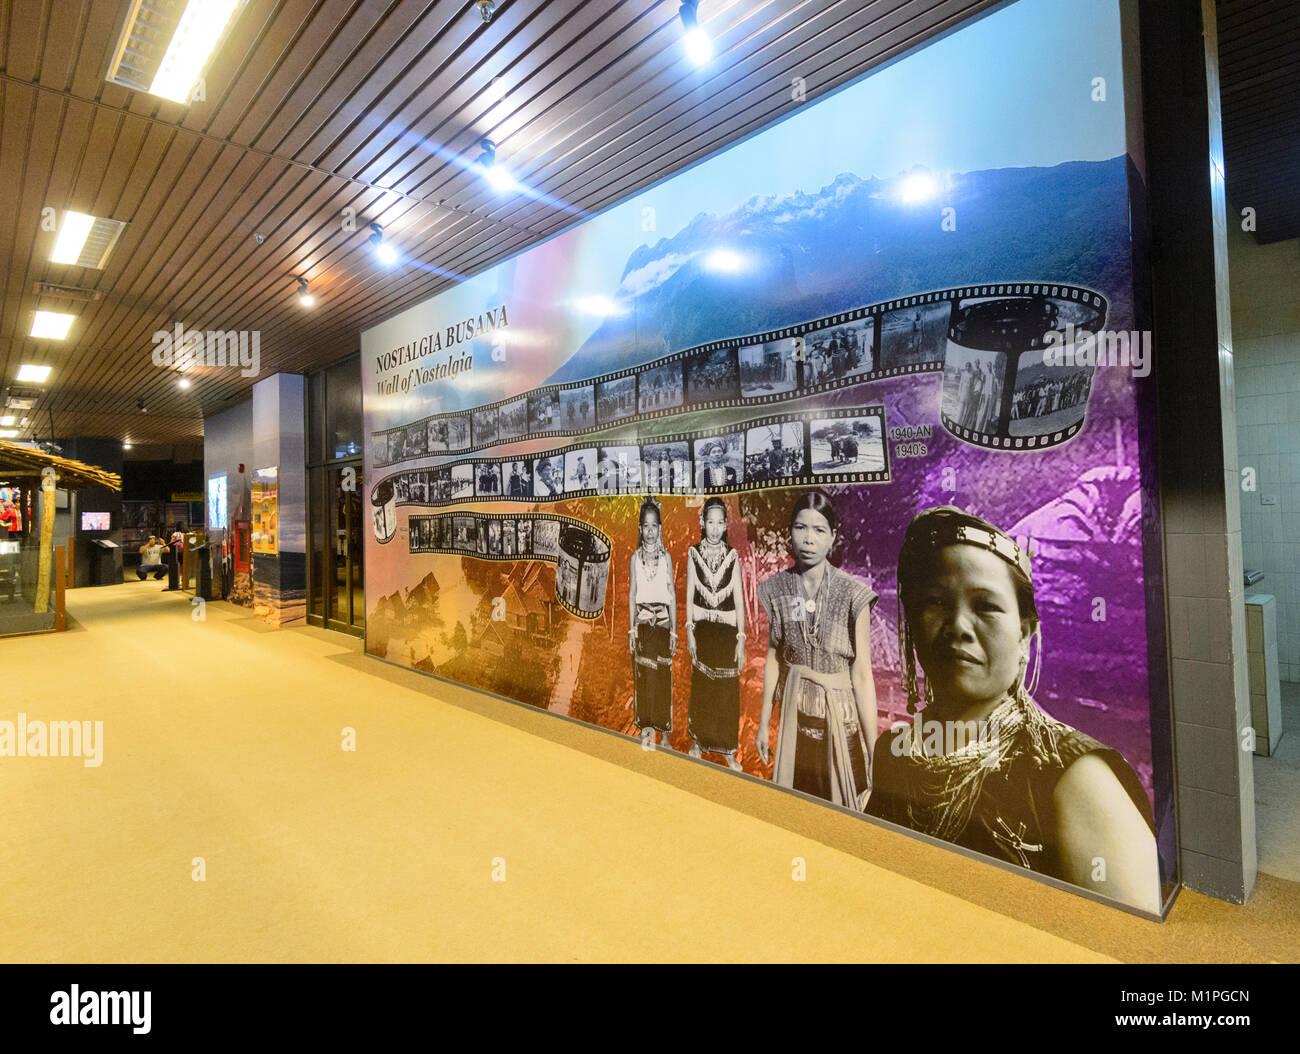 Wall of Nostalgia at the Muzium Sabah, Kota Kinabalu, Sabah, Borneo, Malaysia - Stock Image